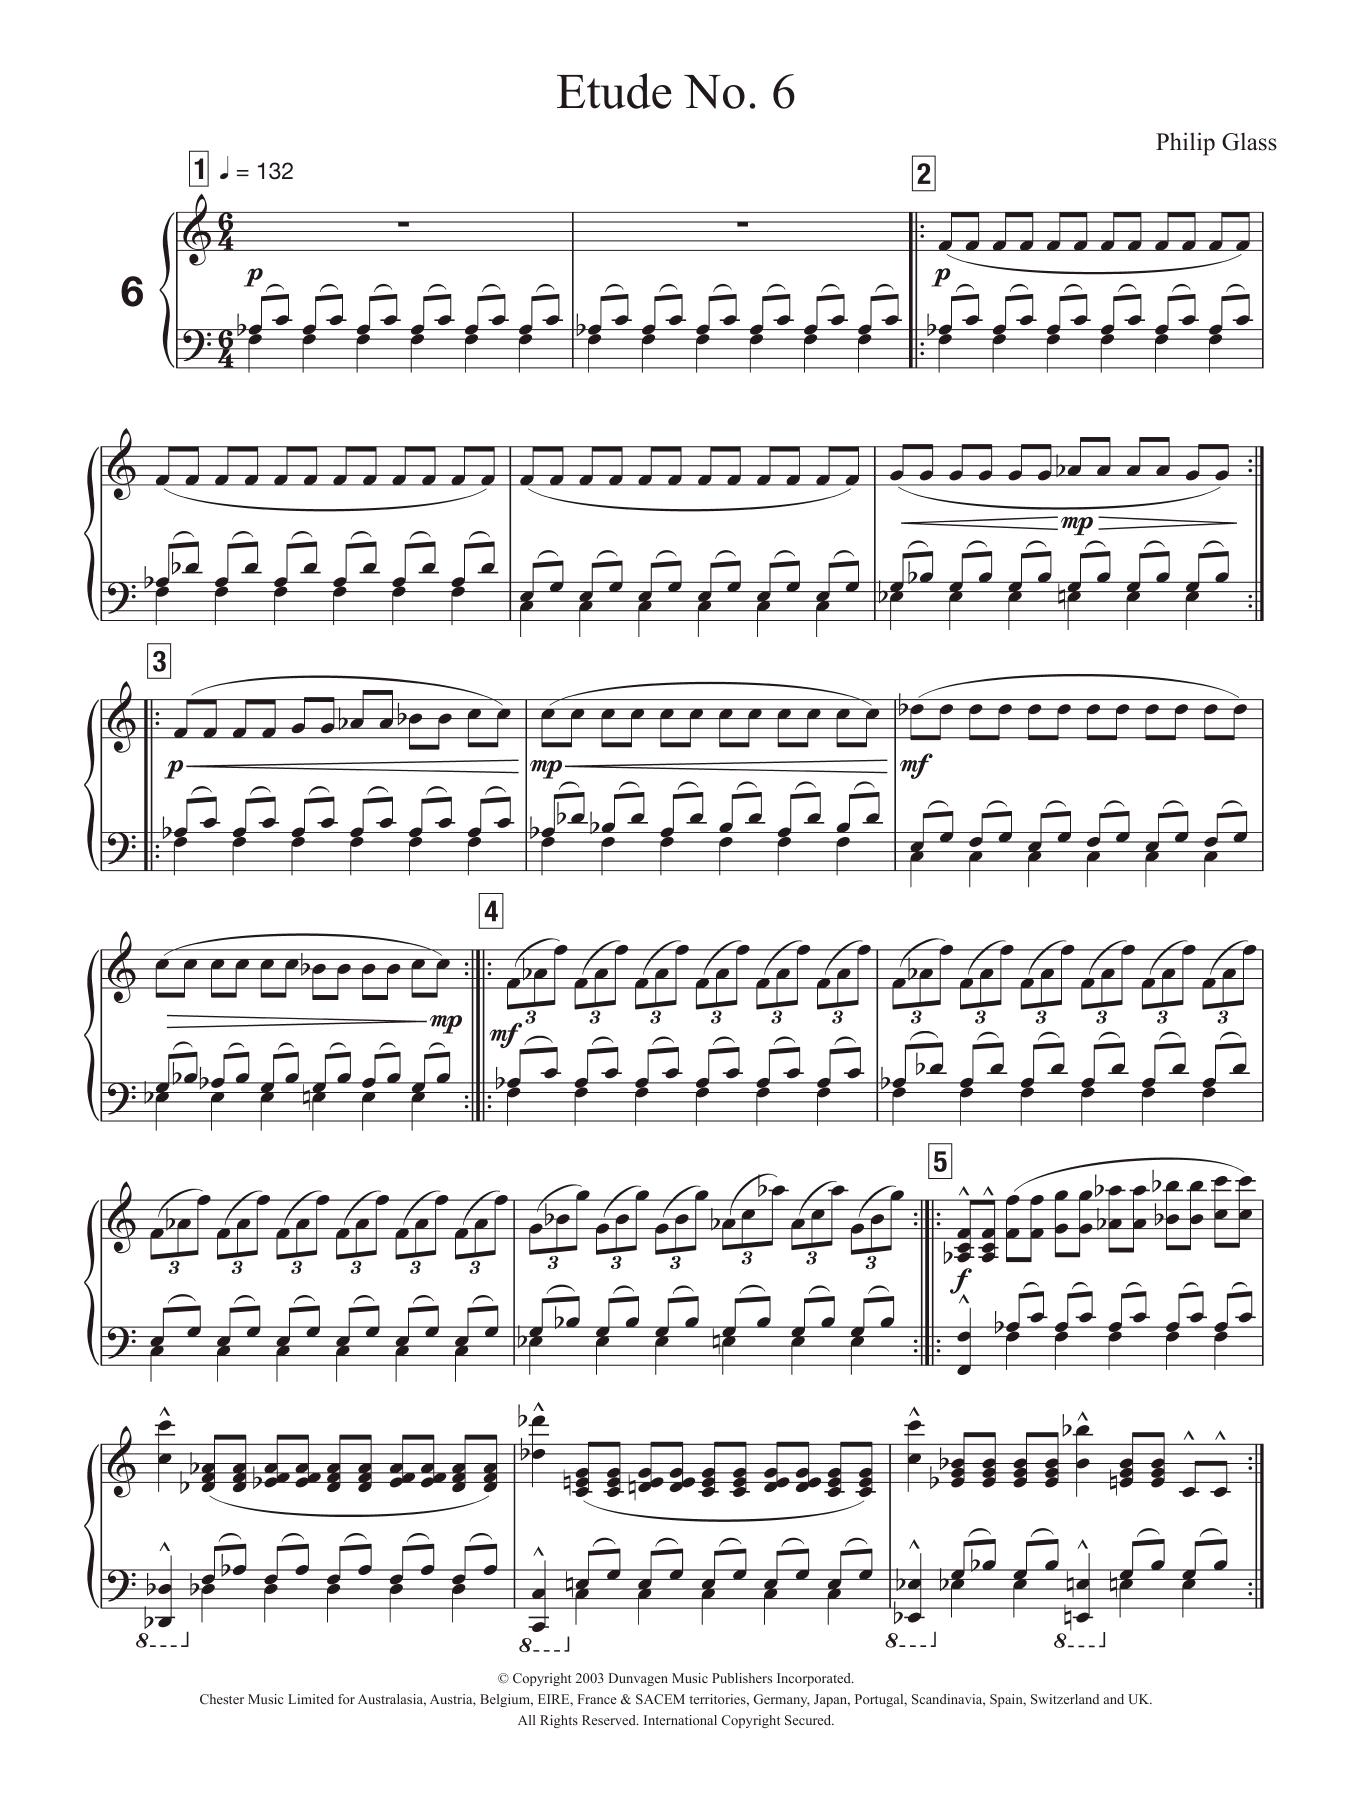 Etude No. 6 Sheet Music